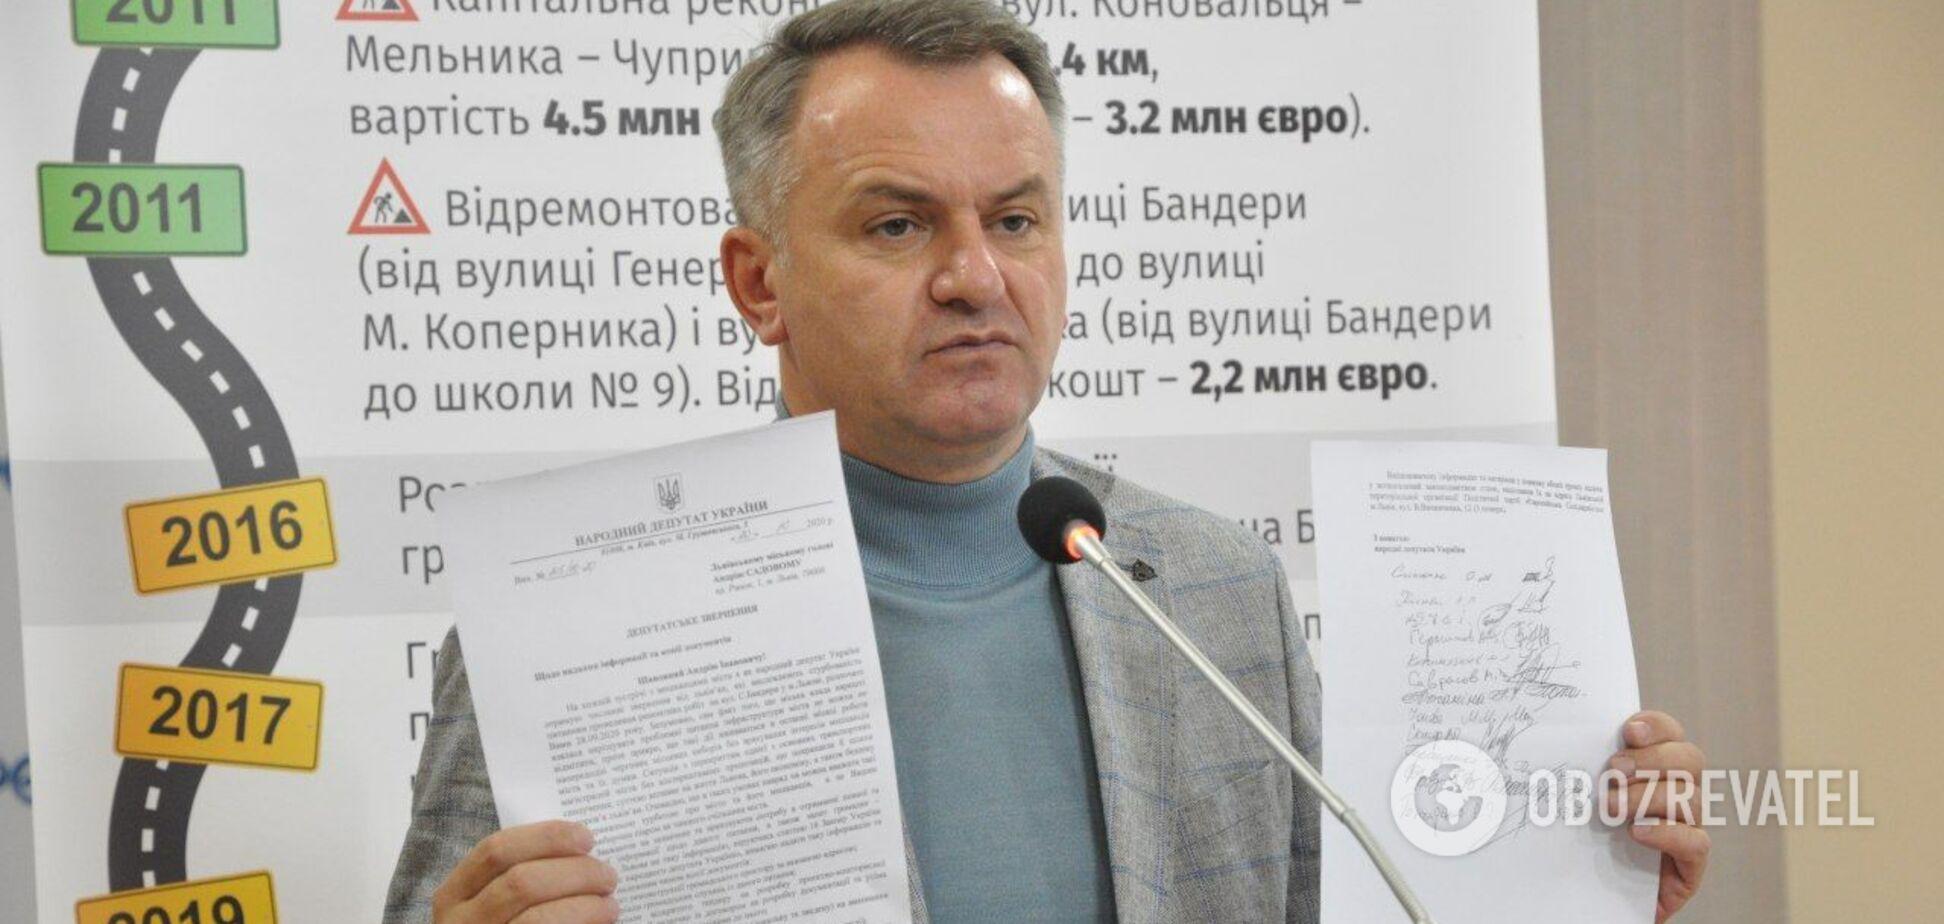 Нардепы от 'ЕС' инициировали расследование миллионных злоупотреблений мэрии Львова во время ремонта улицы Бандеры. Документ